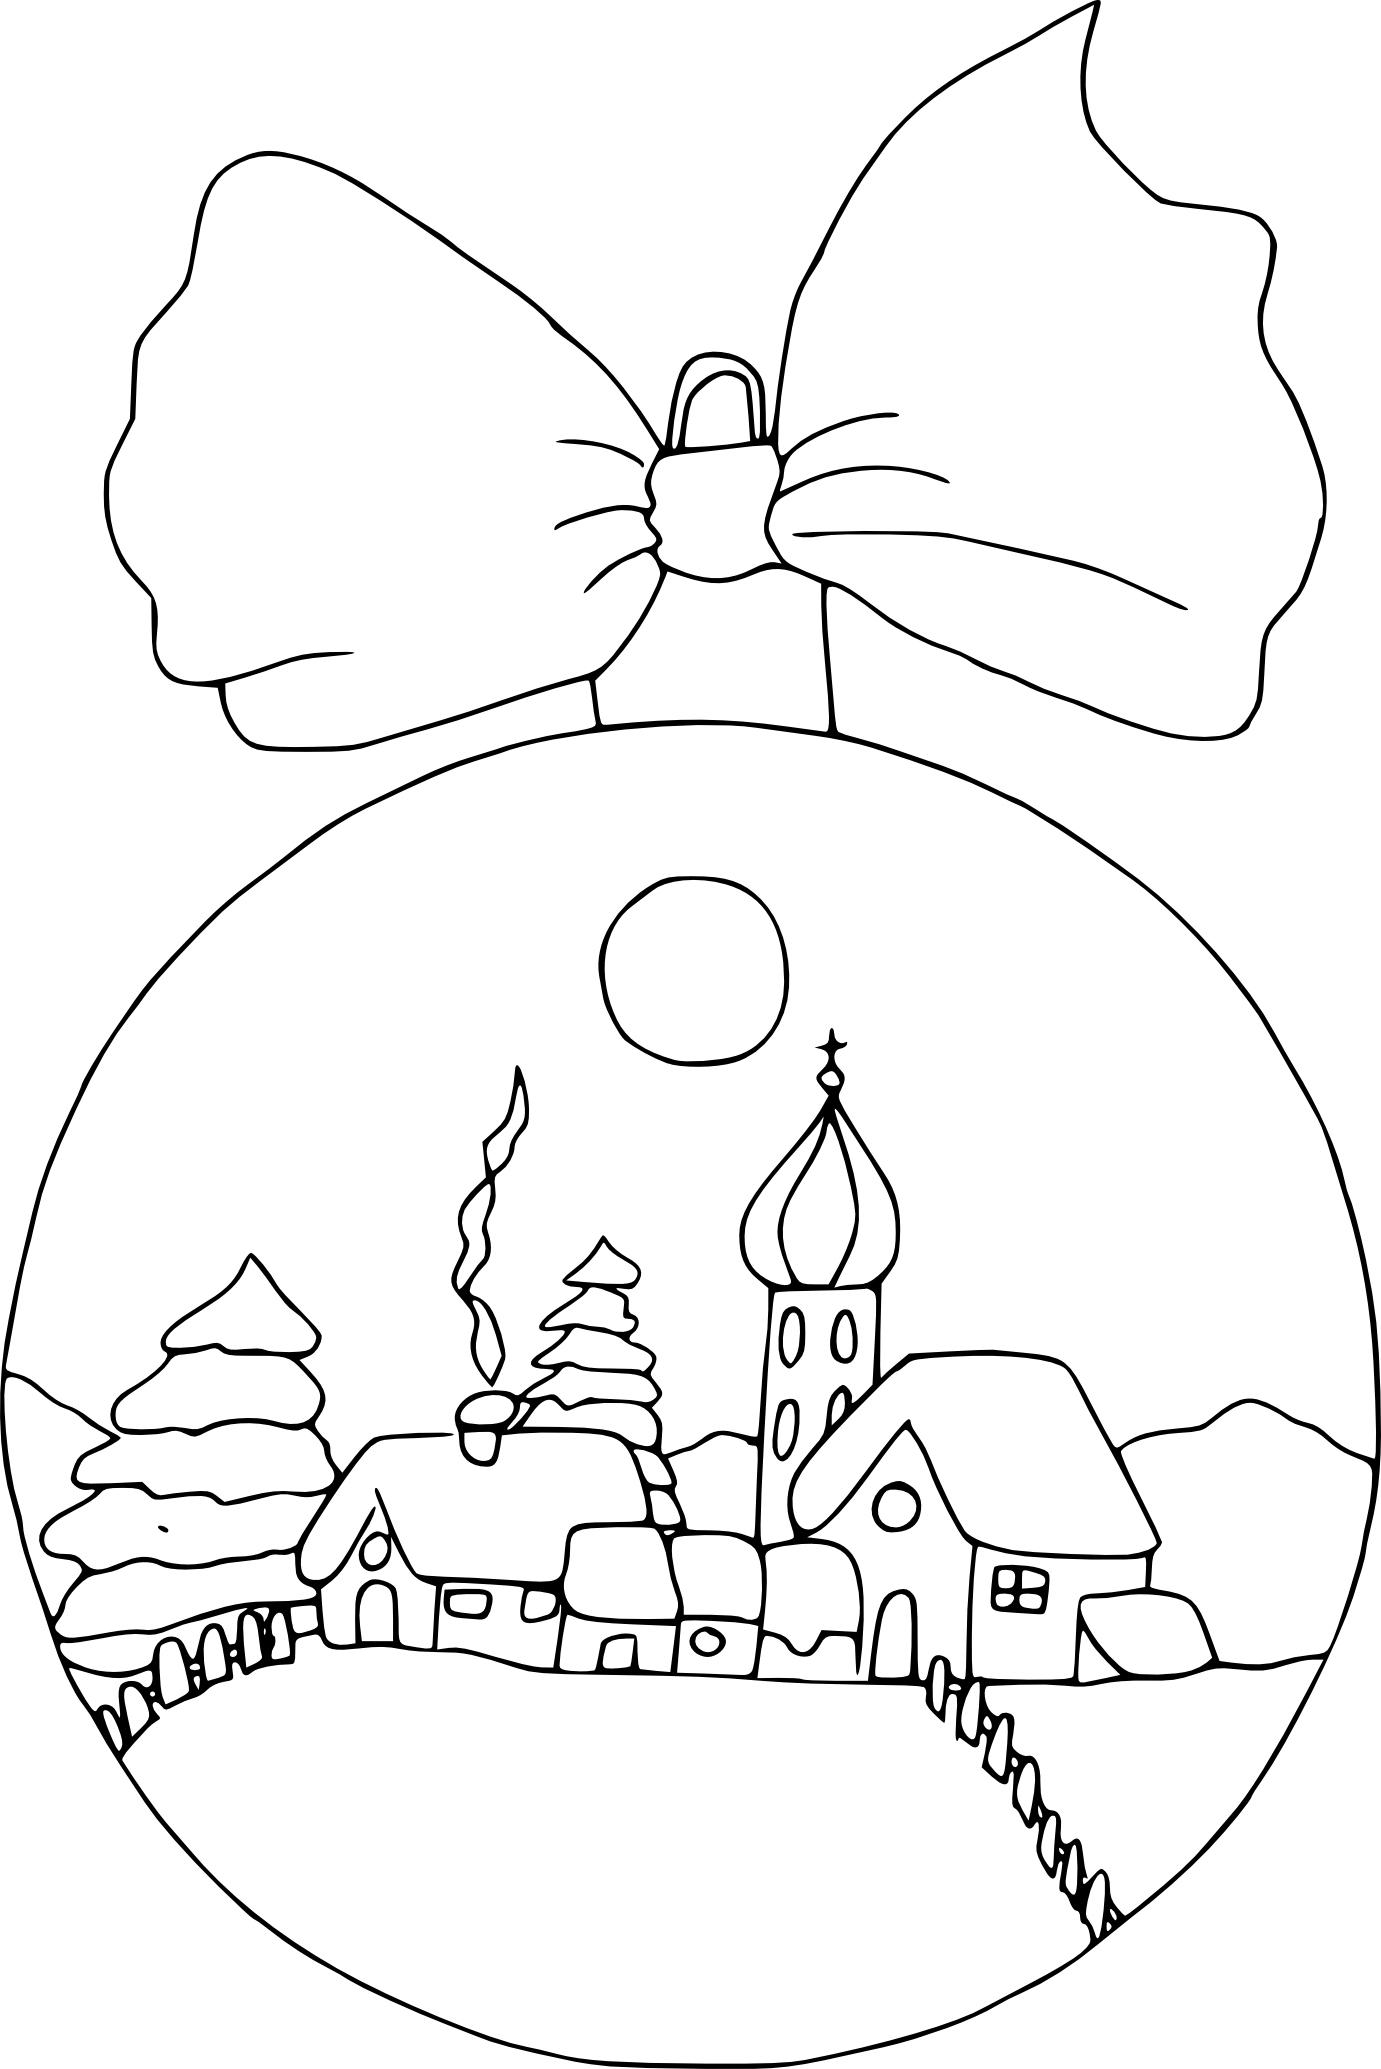 Coloriage Village Dans Boule De Noël À Imprimer Sur pour Coloriage Village De Noel